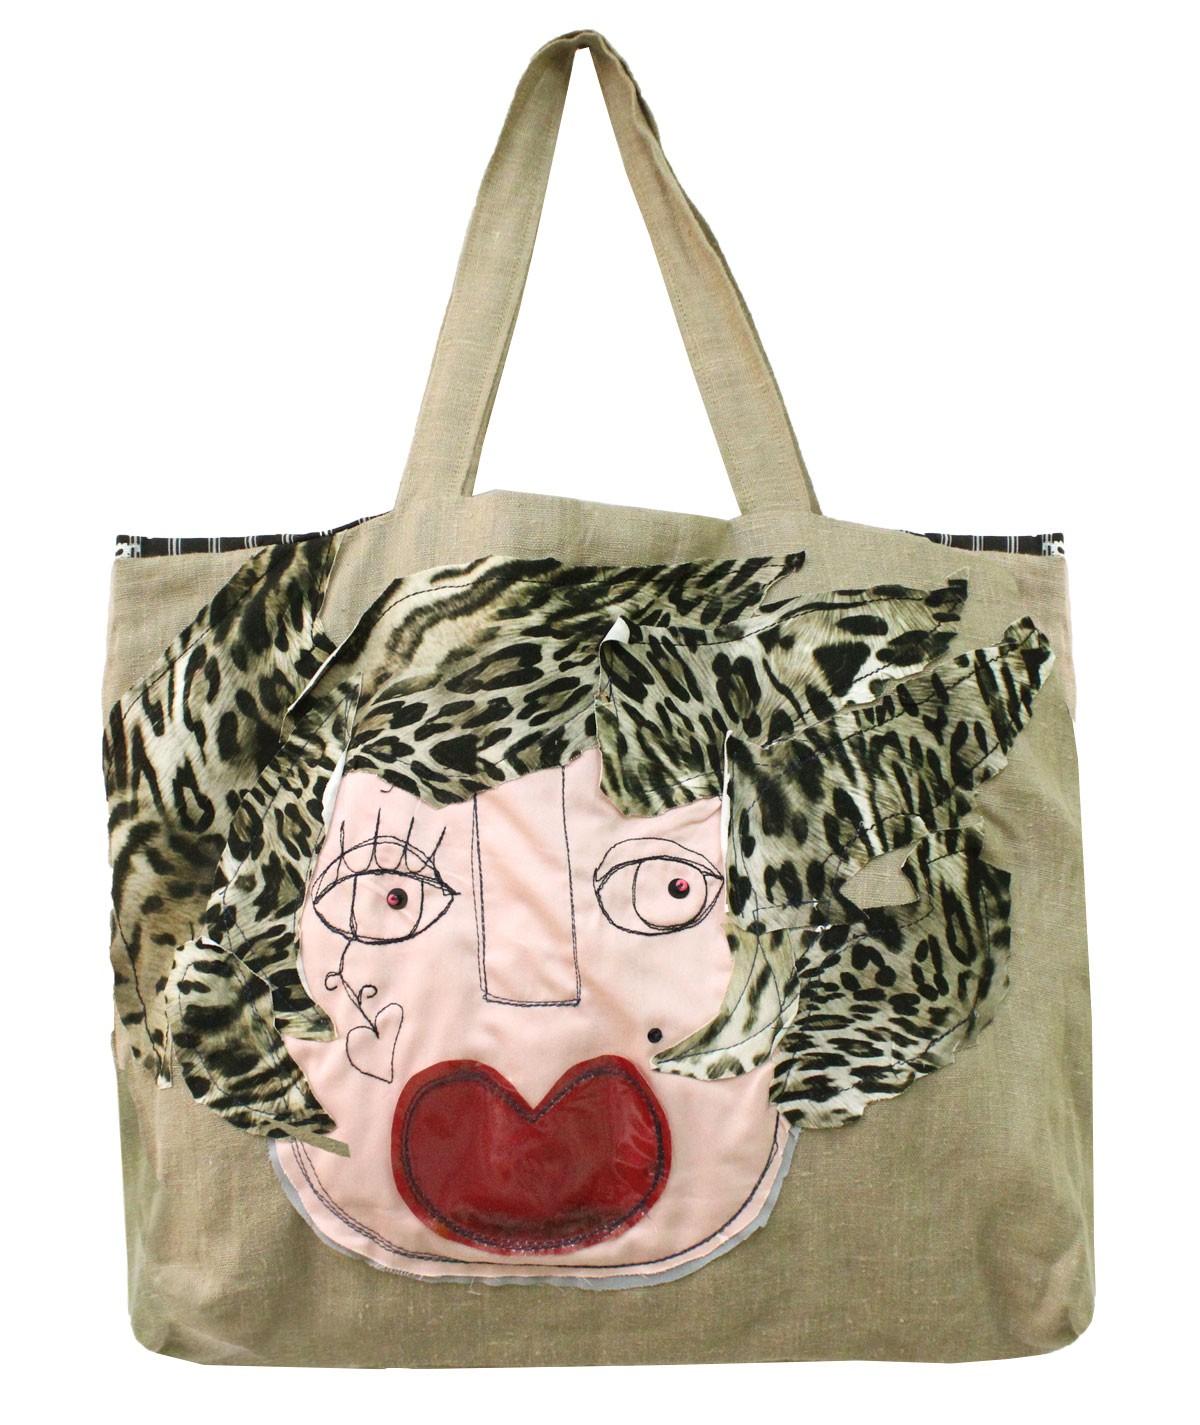 Angiolina - linen bag